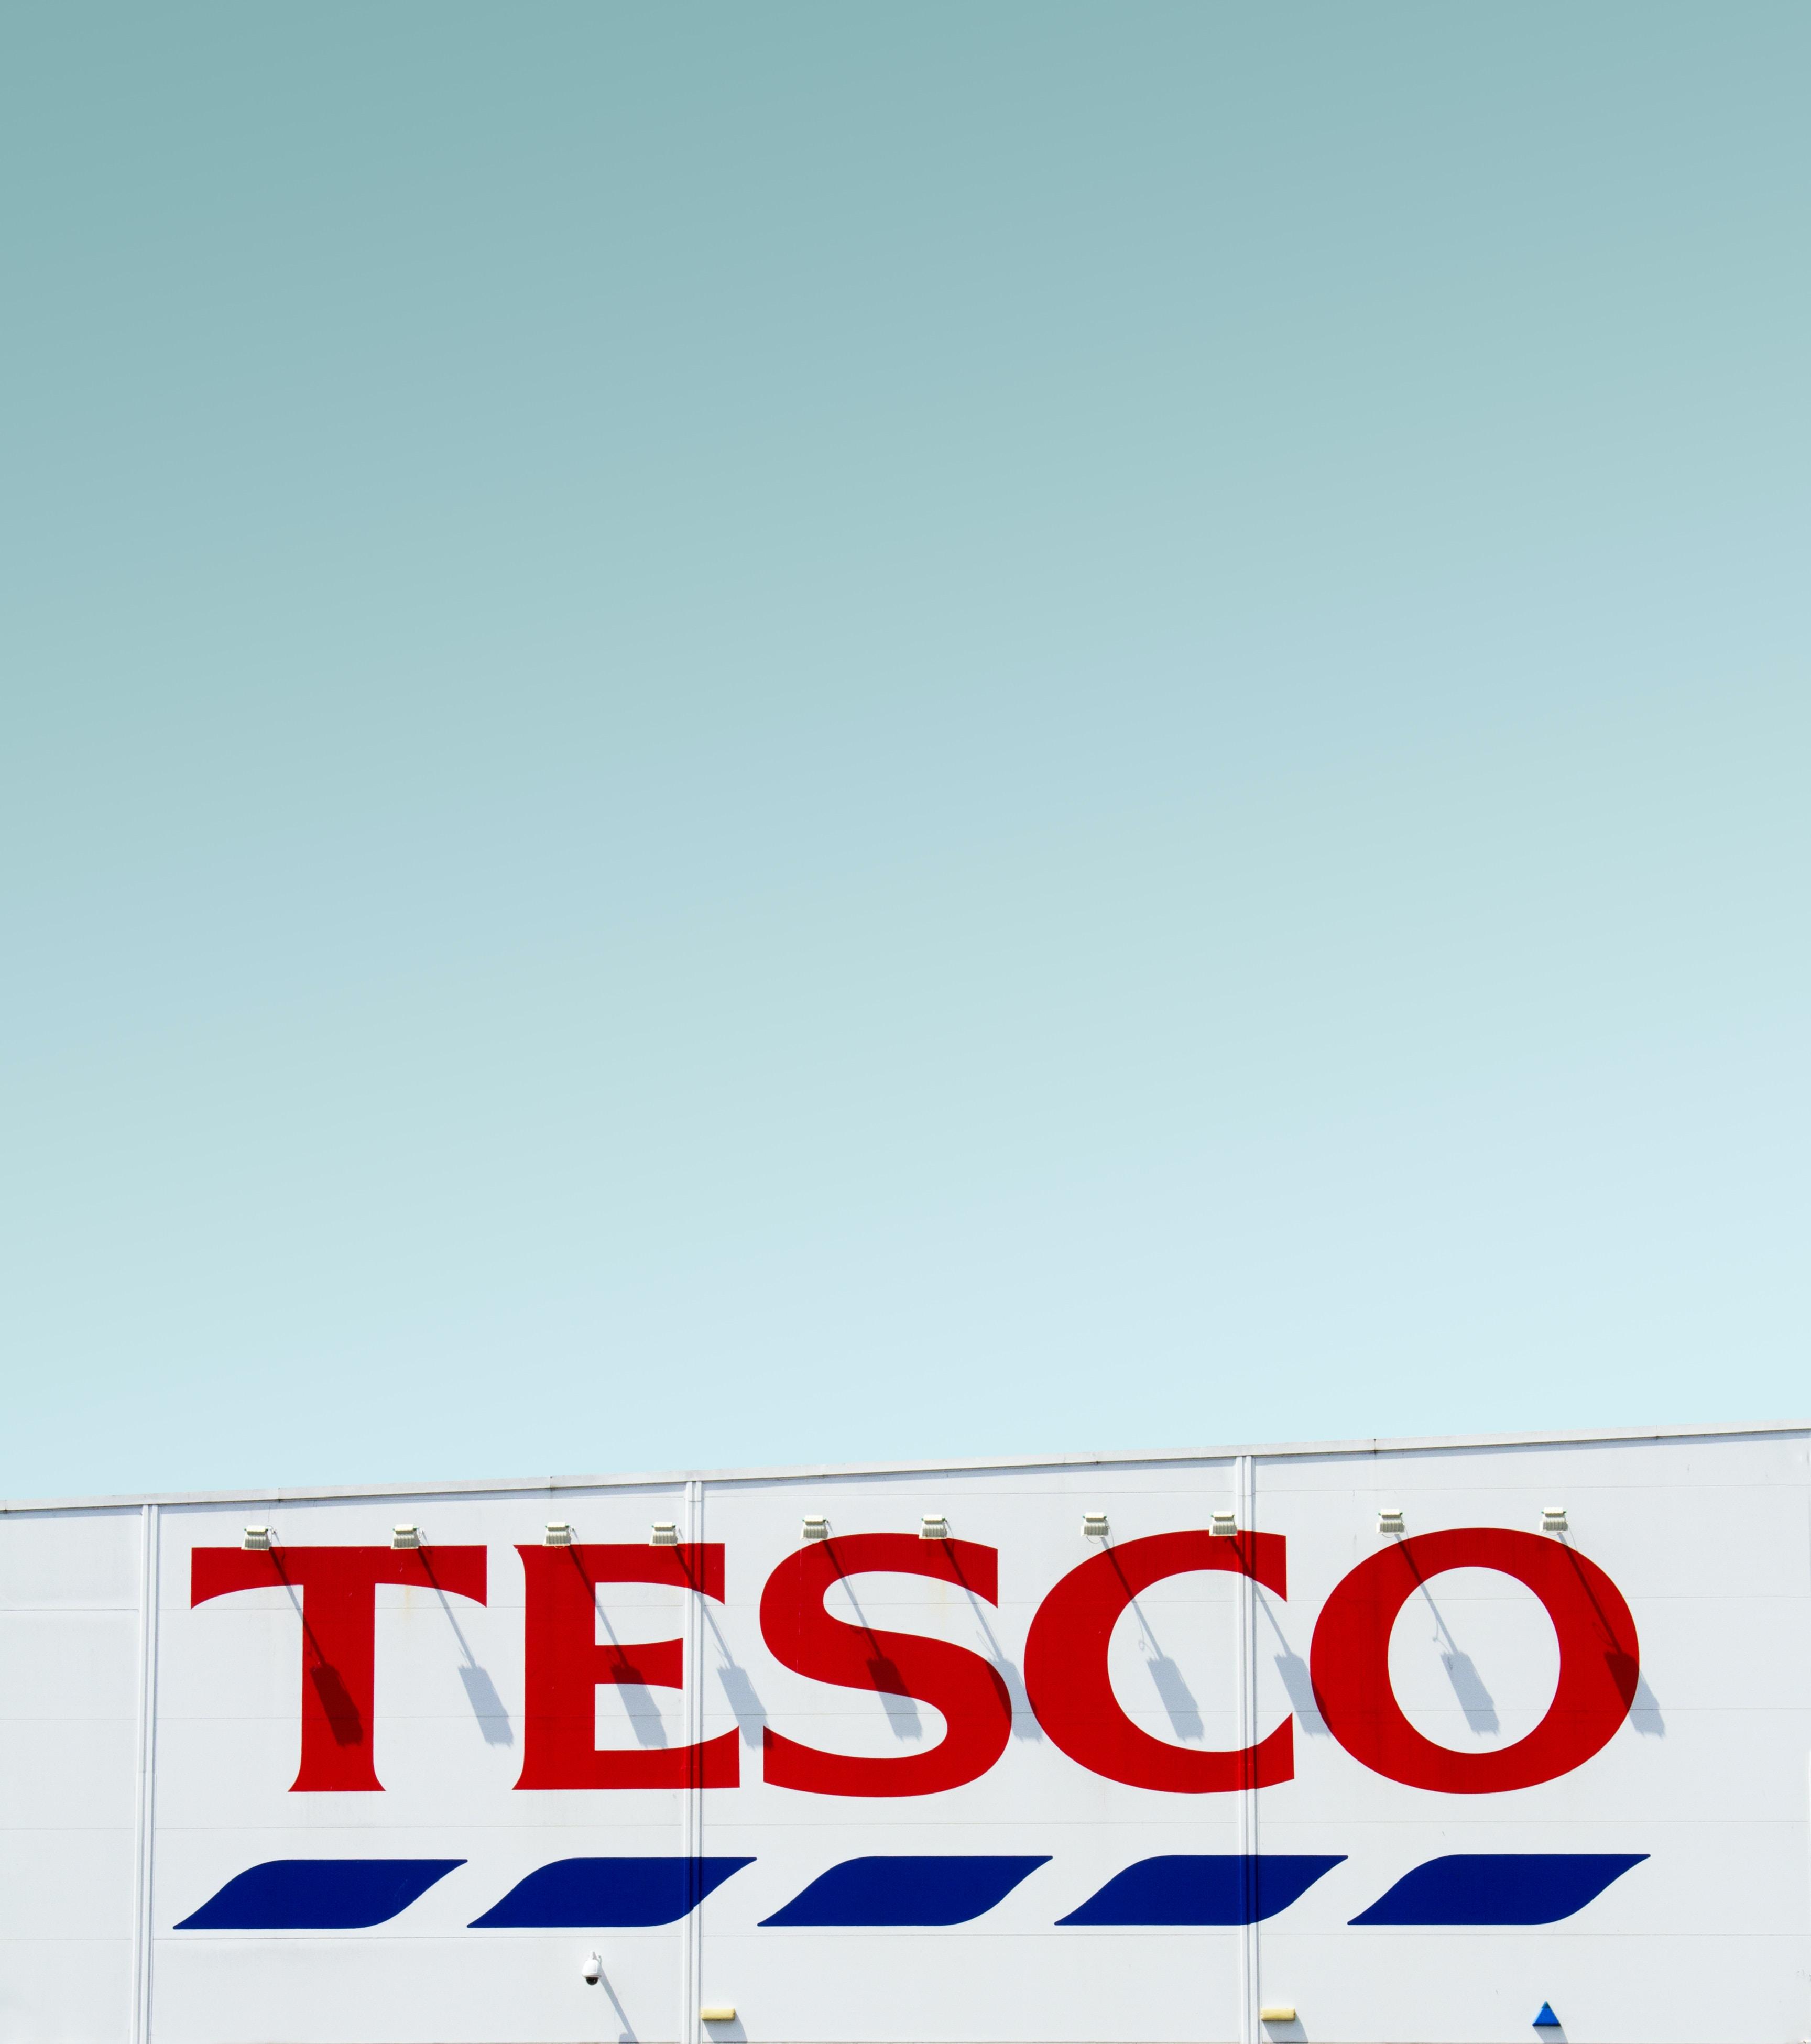 Tesco building under clear blue sky